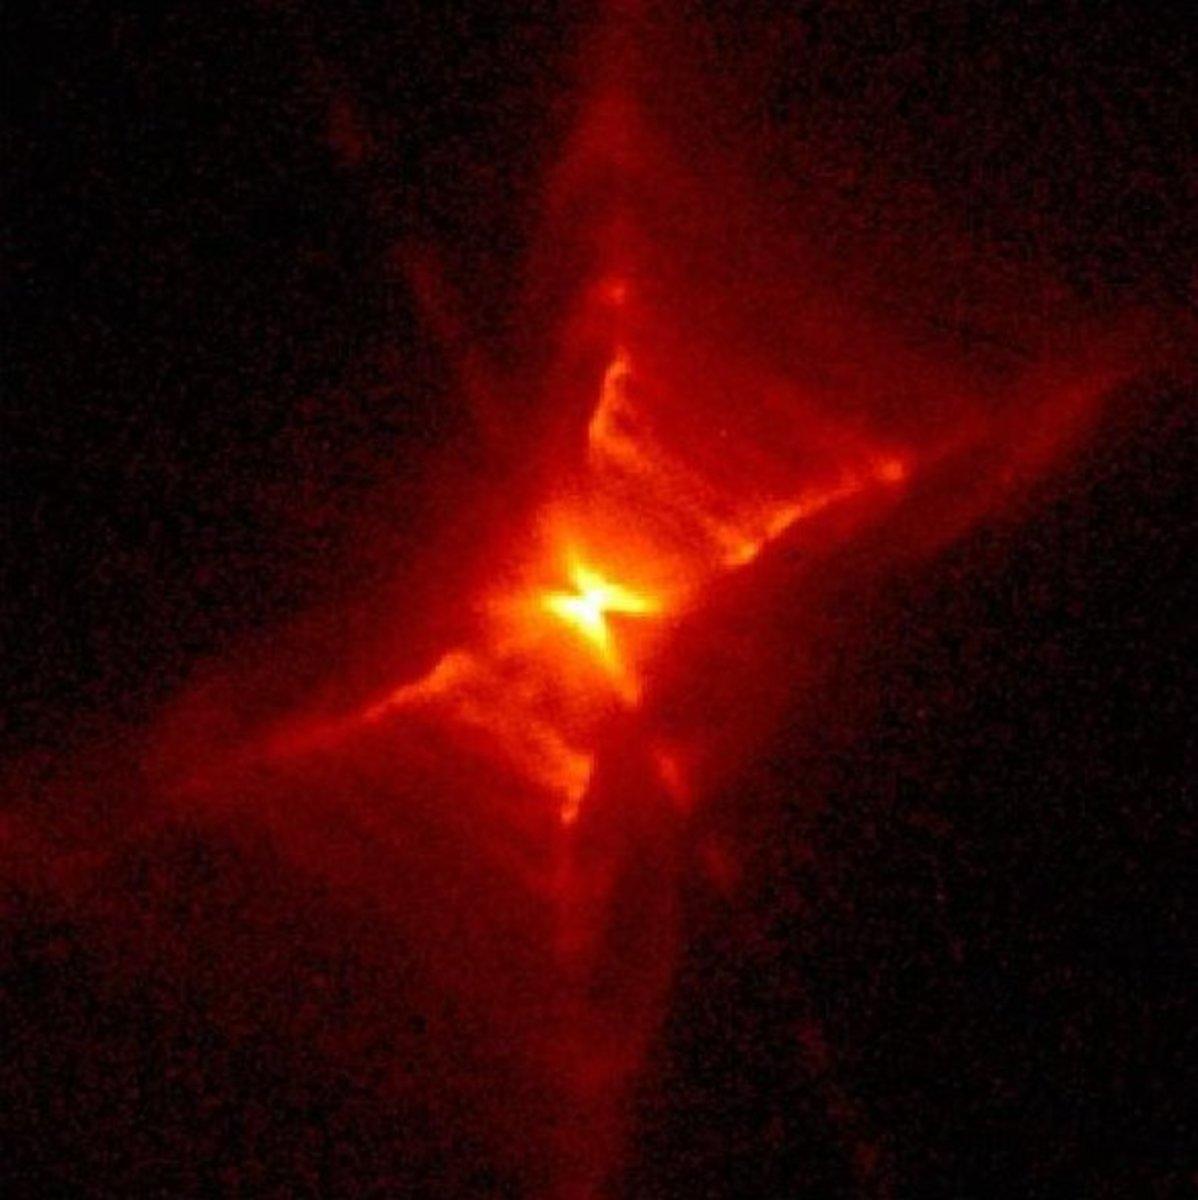 Red Rectangular Nebula